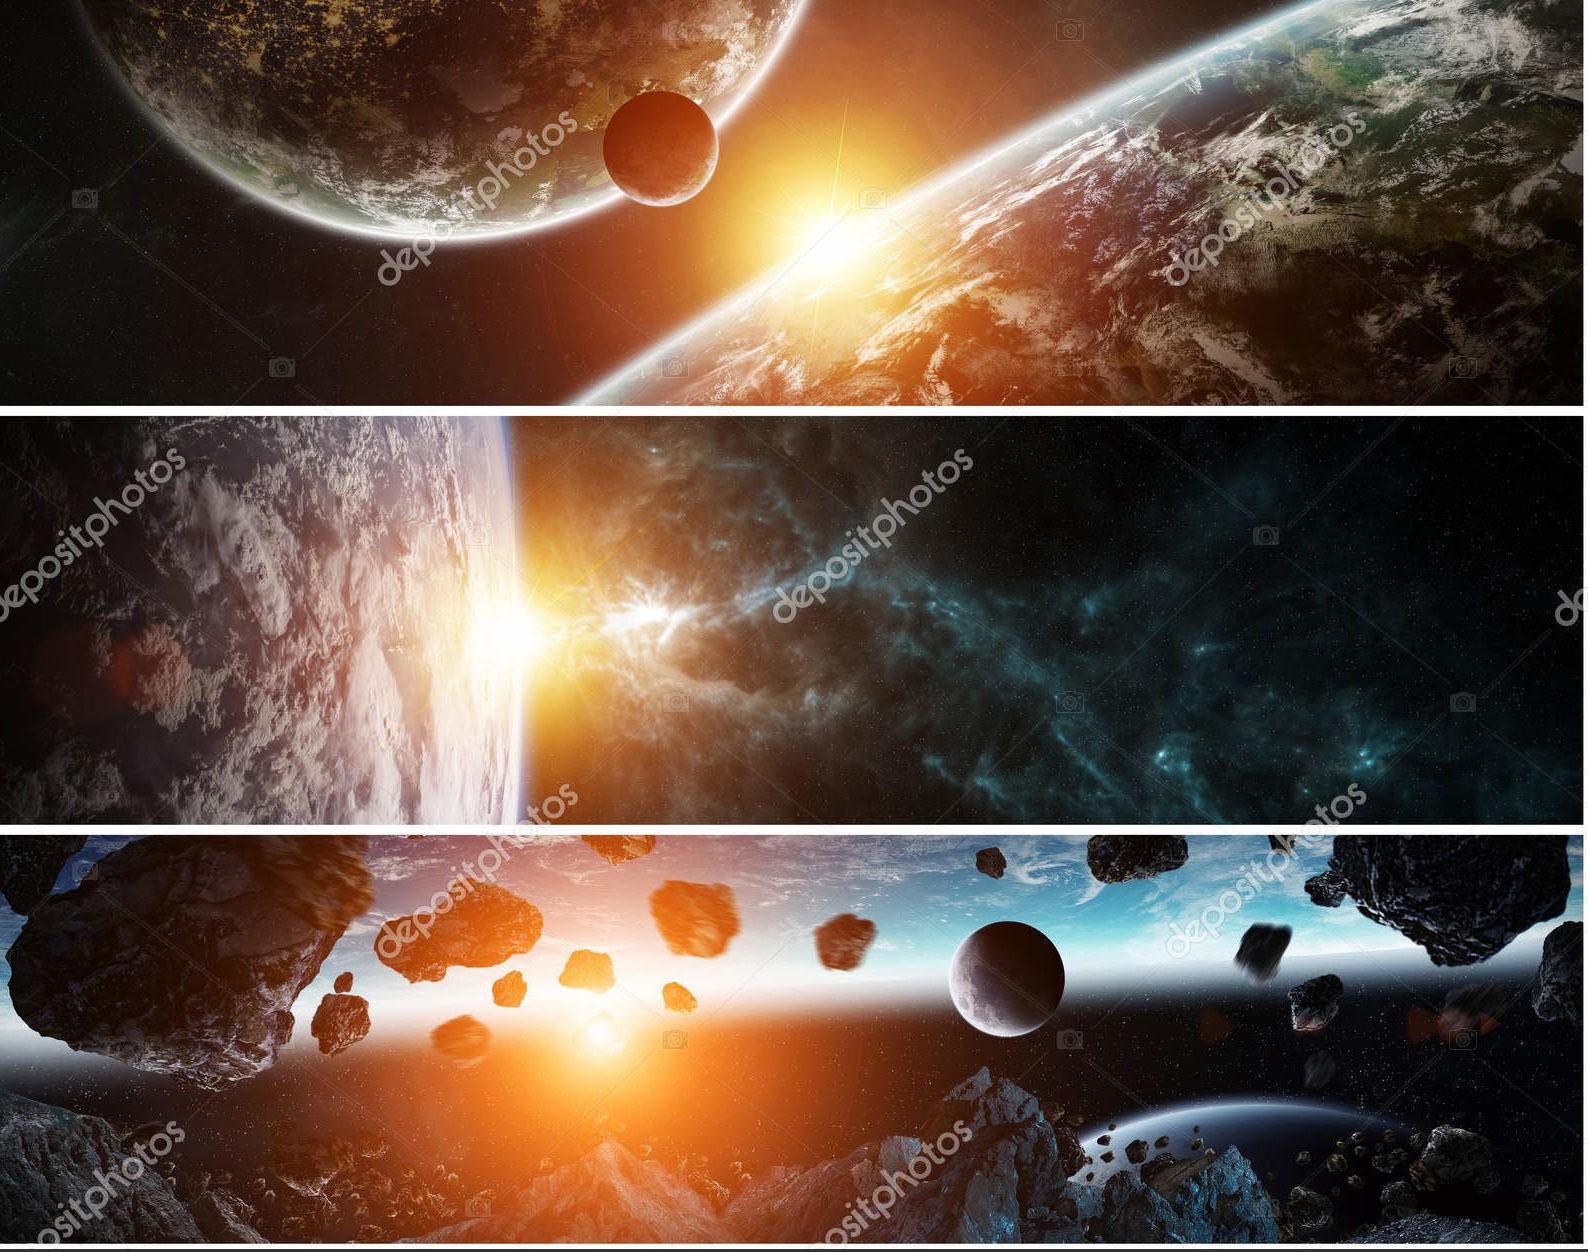 Панорама далекой планеты